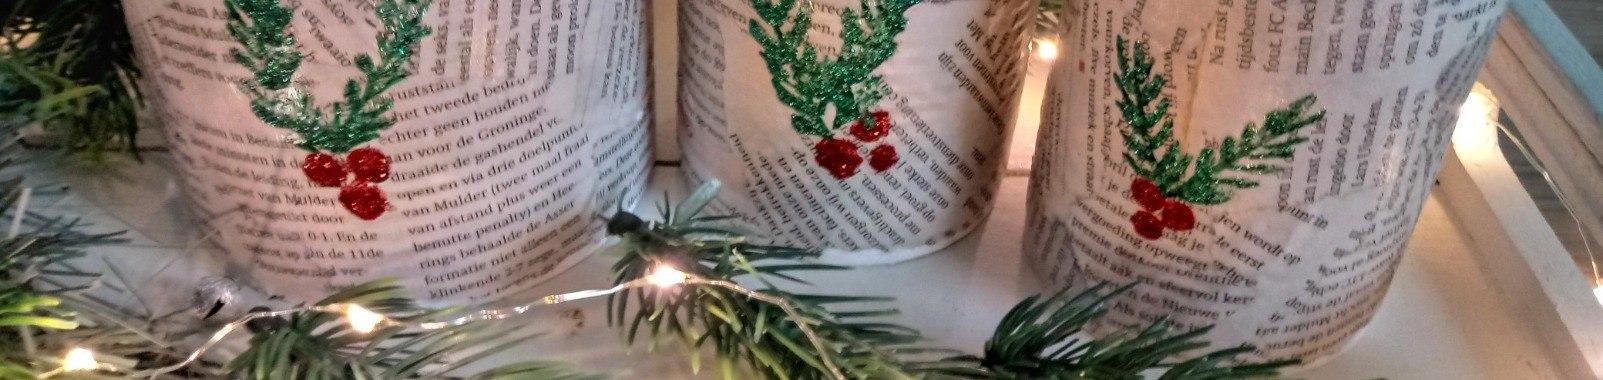 Kerstblik pimpen met kranten en Crayola glitterlijm   Kerst   blikken   kranten   Kerst   Krantenkunst   Blikpimpen   kerstdecoratie   Recycleknutsel   Recyclen   Glitterlijm   Knutselen   Creametkids